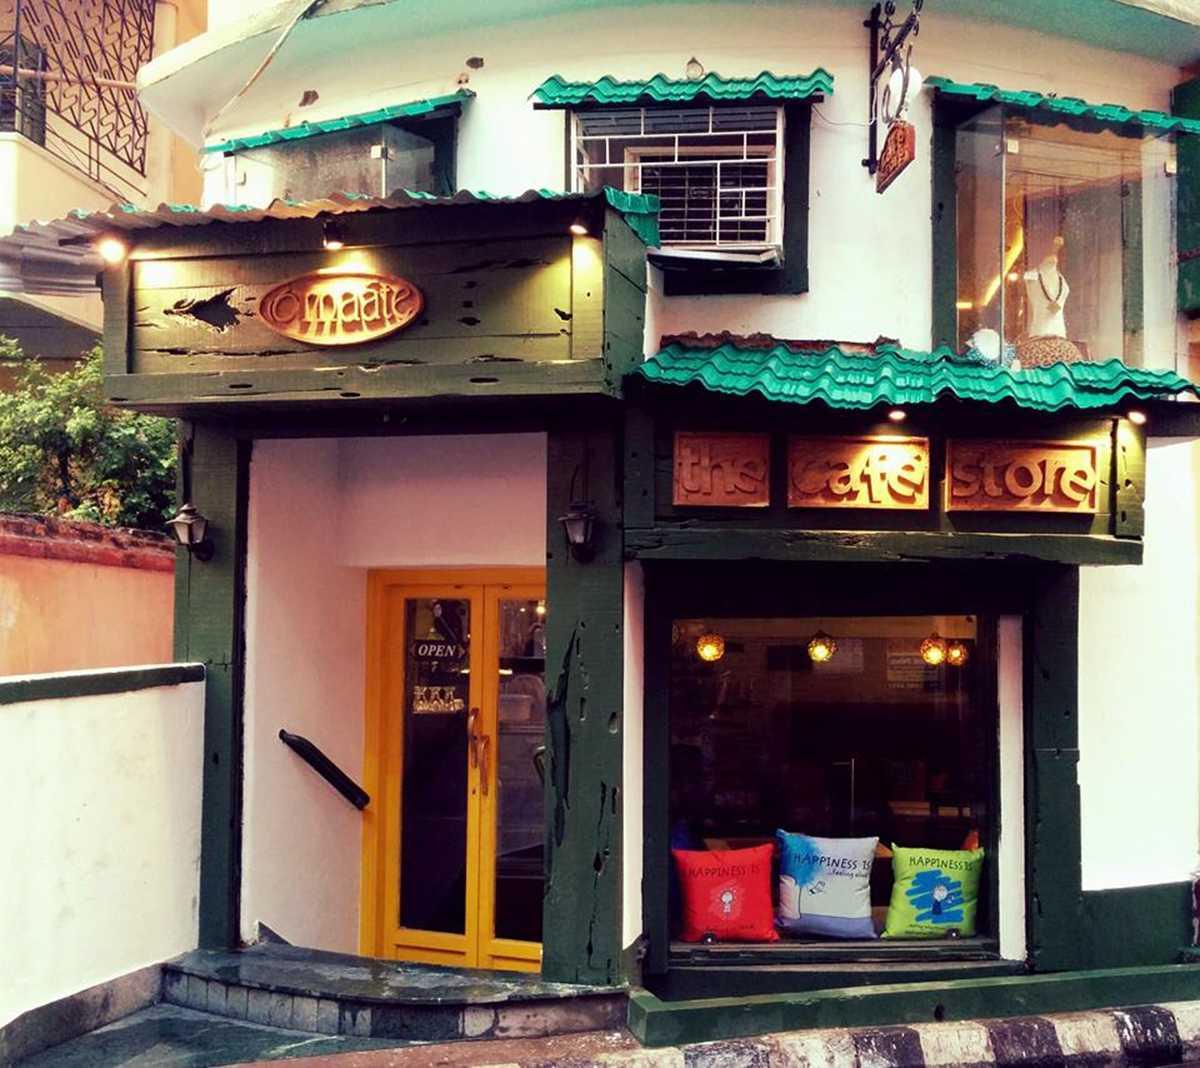 Ornaate, Cafes in Kolkata